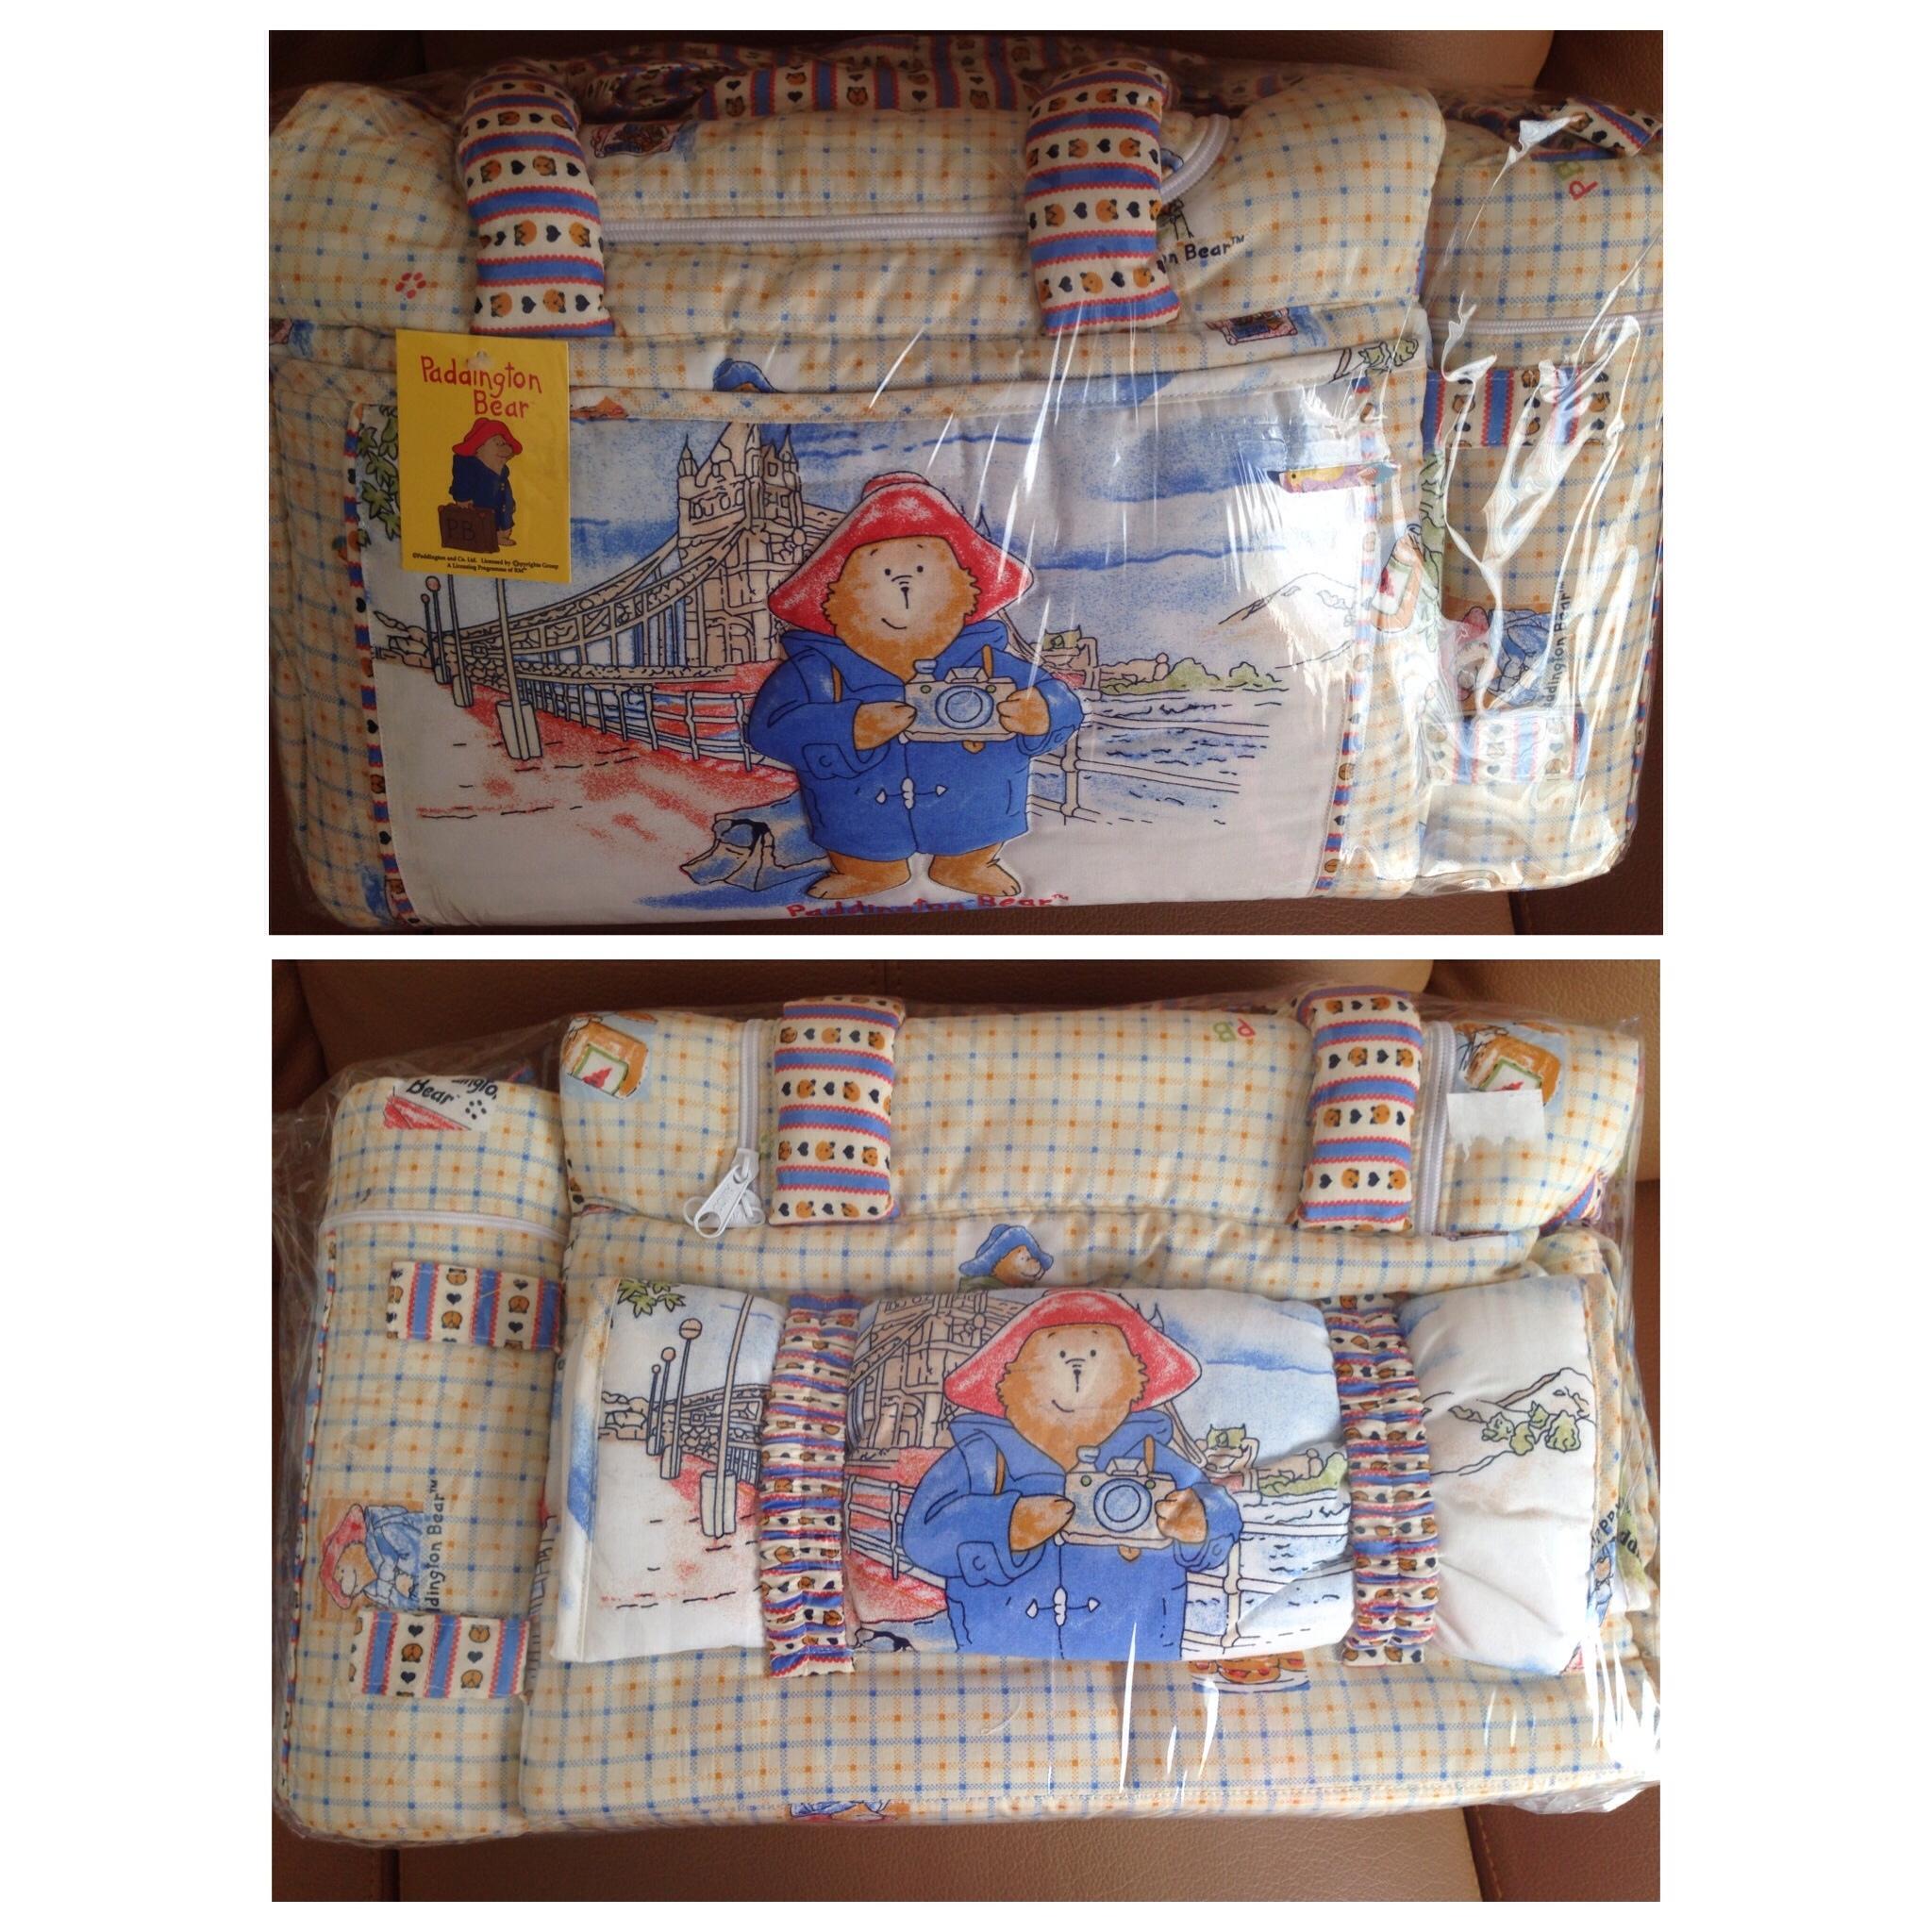 harga Baby bag - paddington bear Tokopedia.com